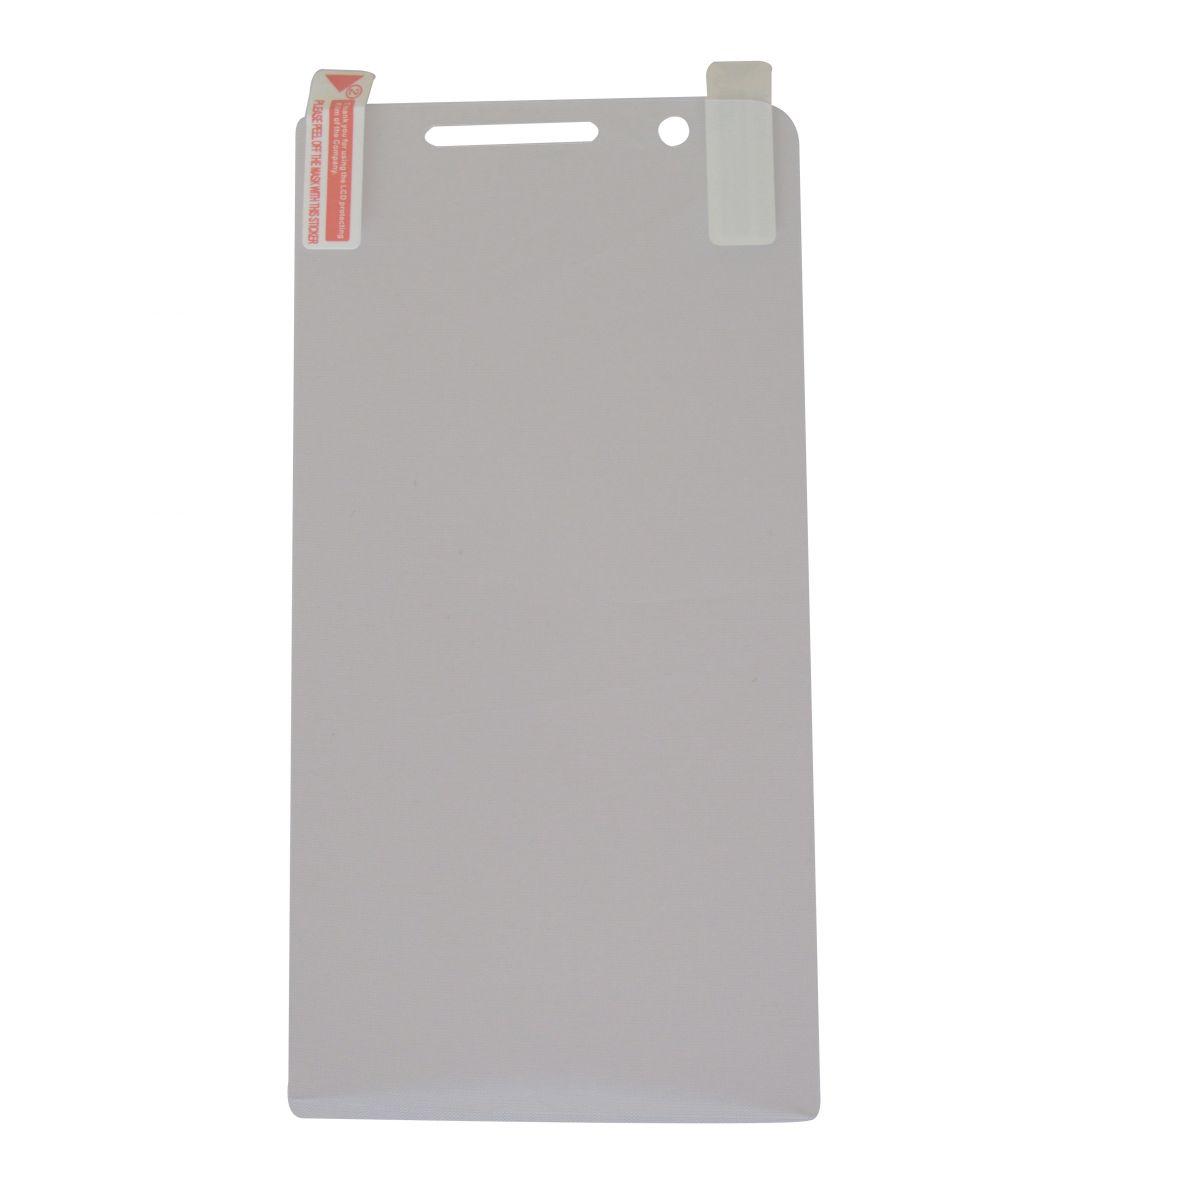 Película Protetora para Asus Zenfone 6 A601 - Transparente